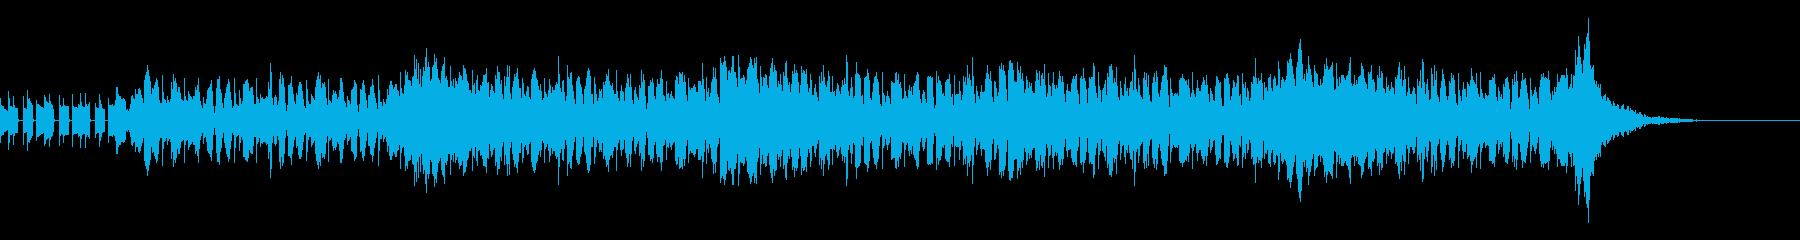 短めのdigital musicですの再生済みの波形